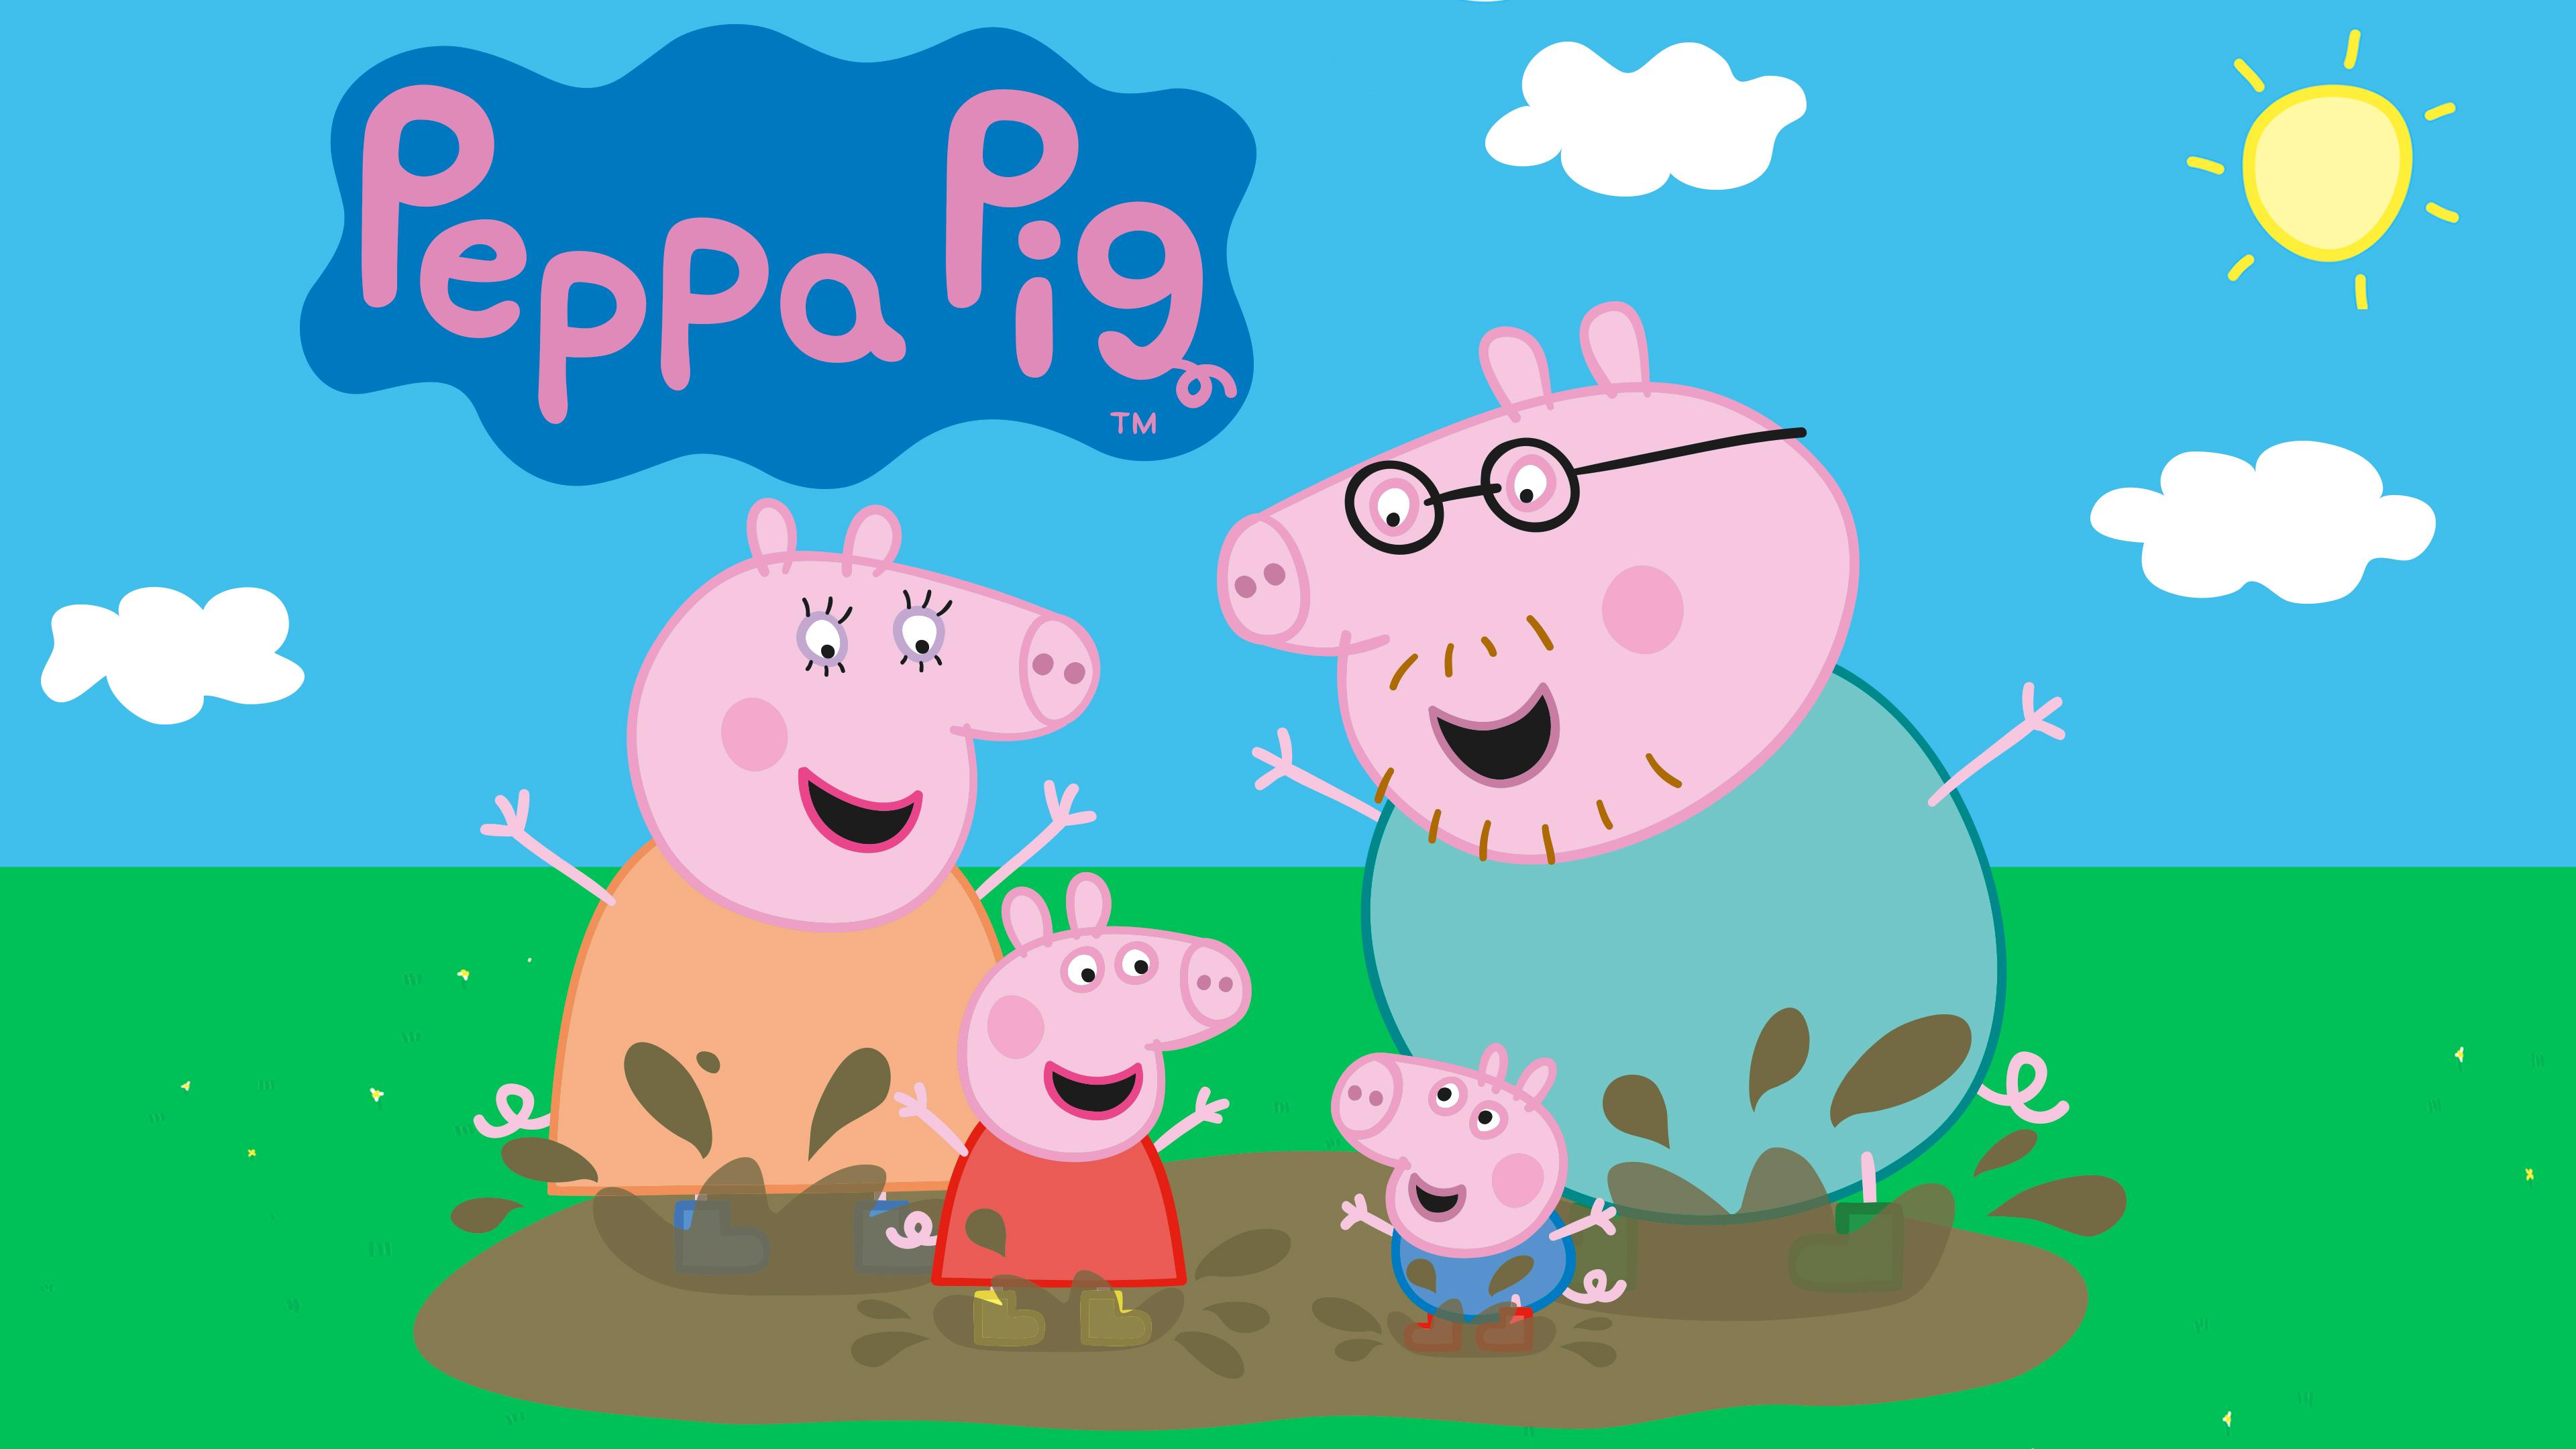 peppa pig english